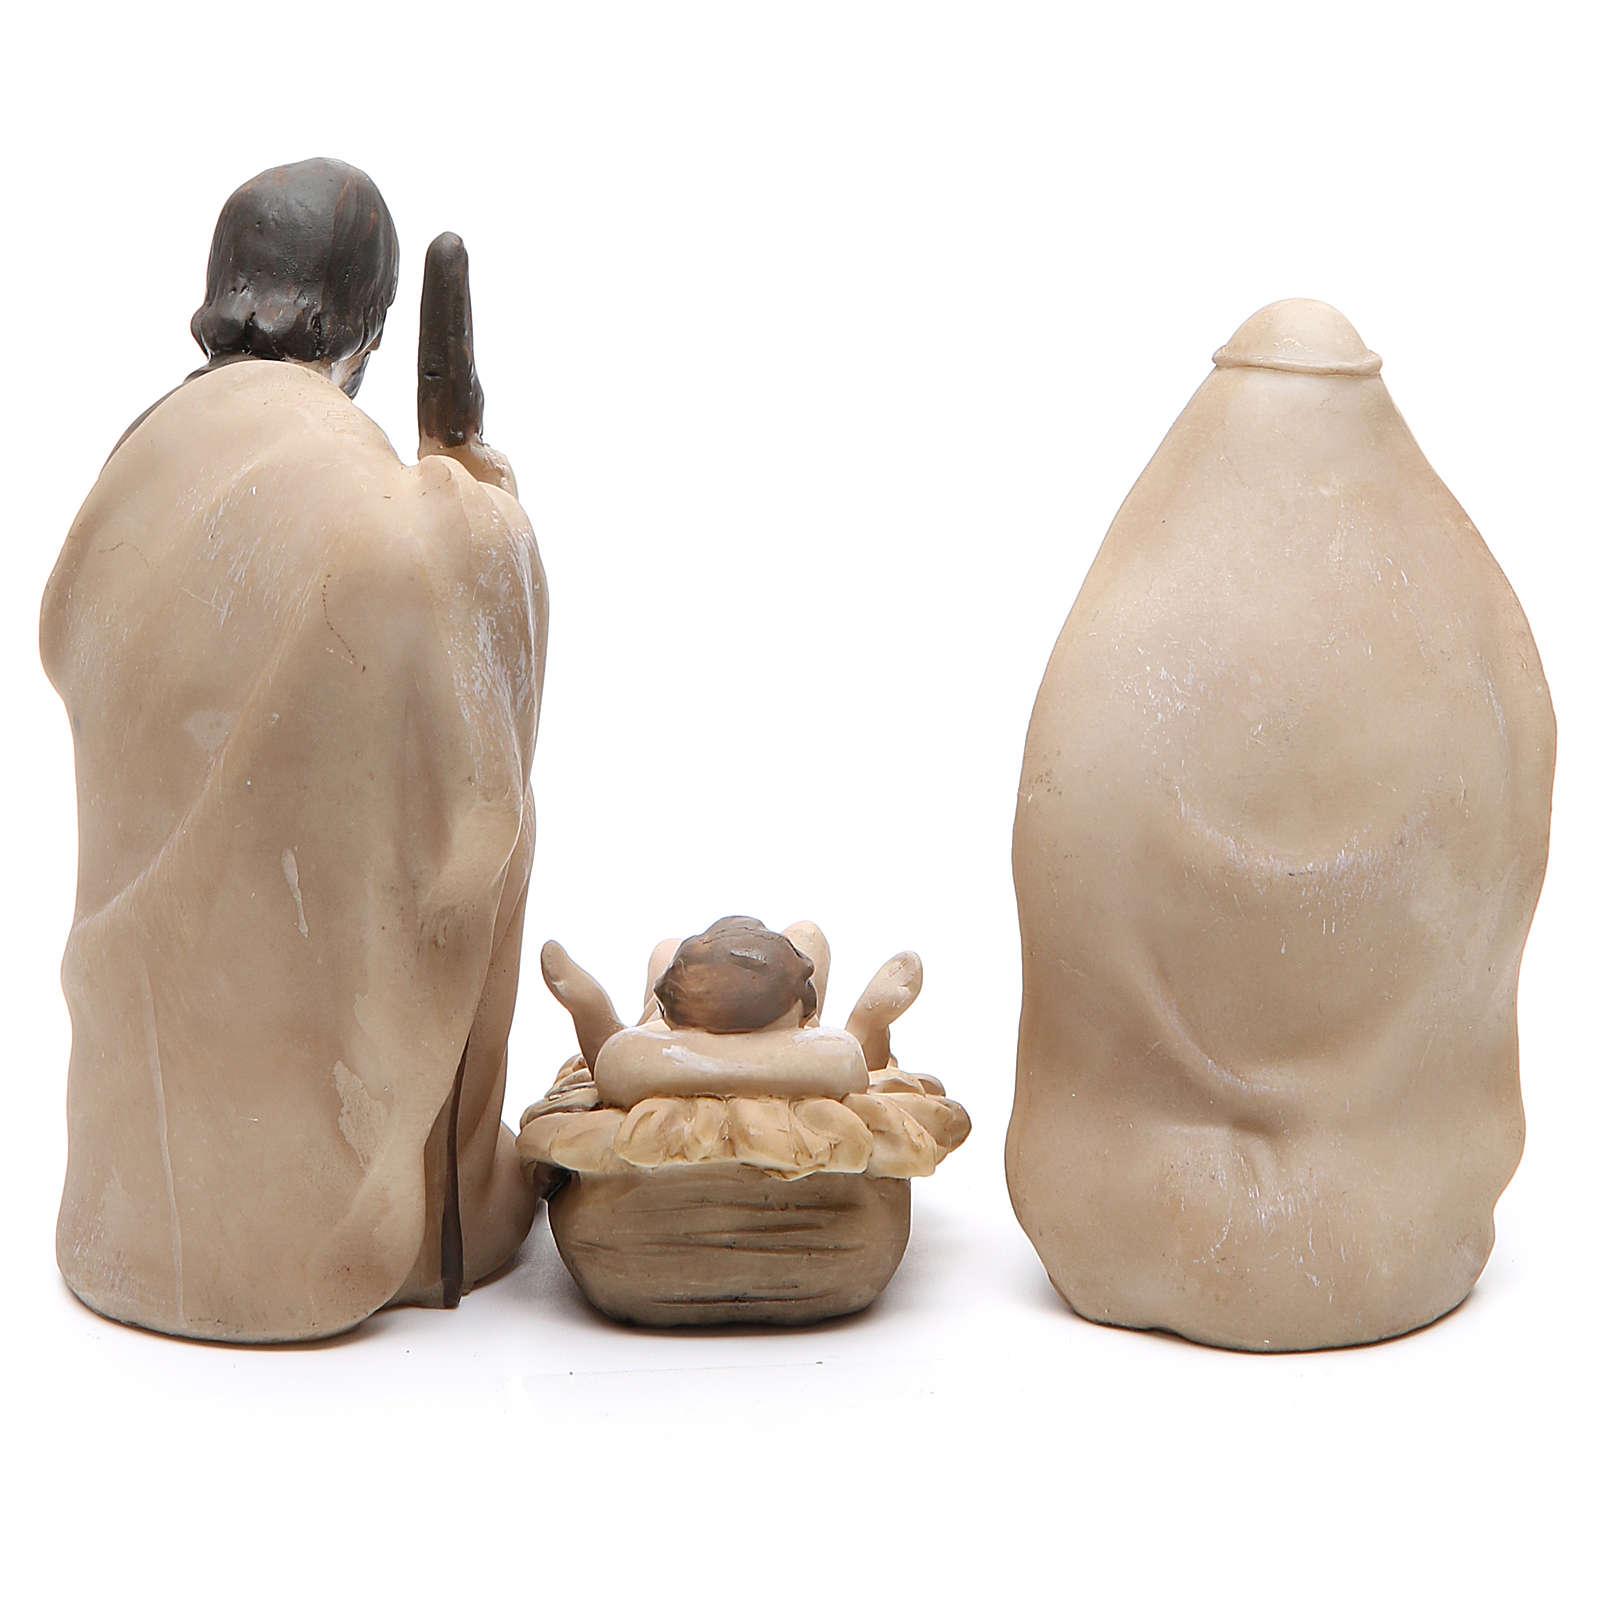 Natività resina stilizzata 3 pezzi 21 cm 3